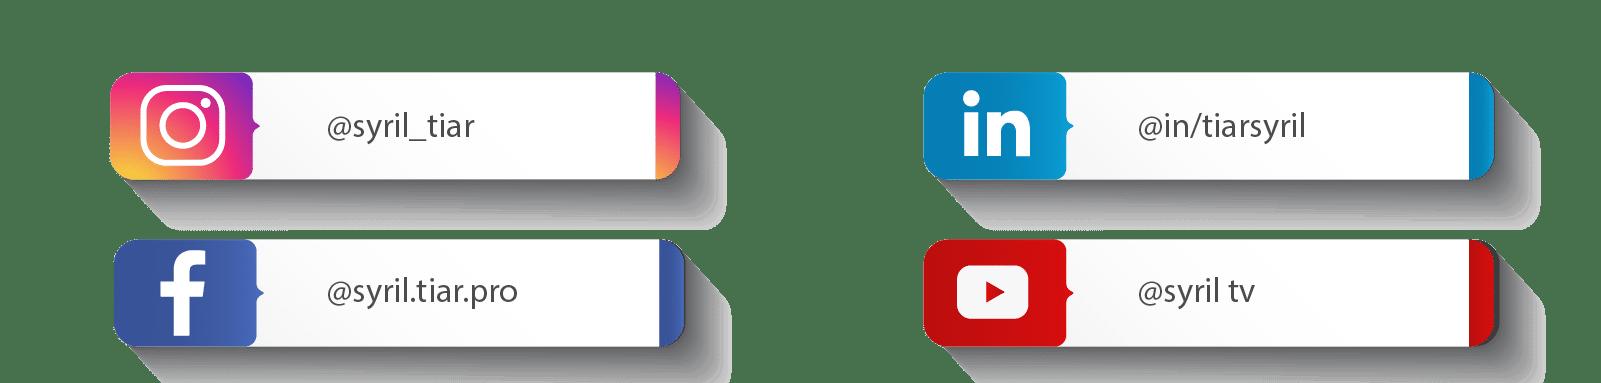 Réseaux sociaux de Syril Tiar